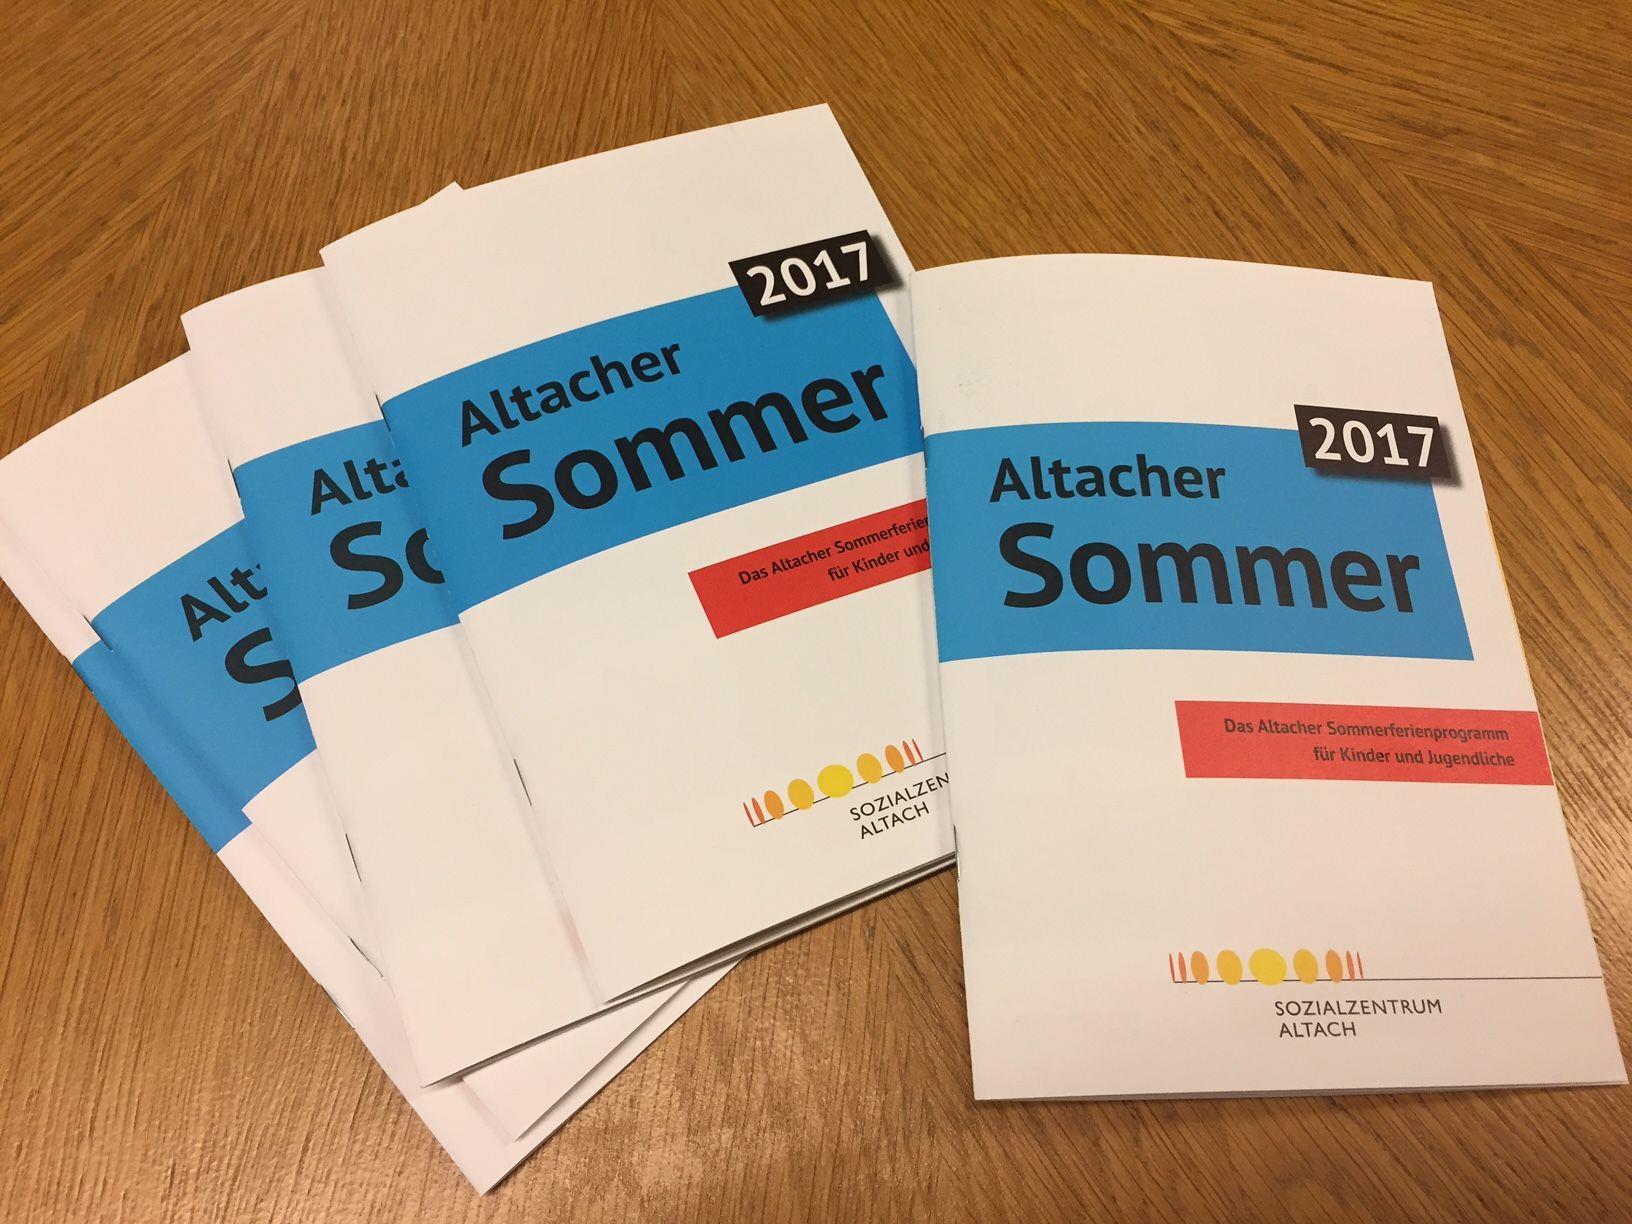 Altacher Sommer 2017